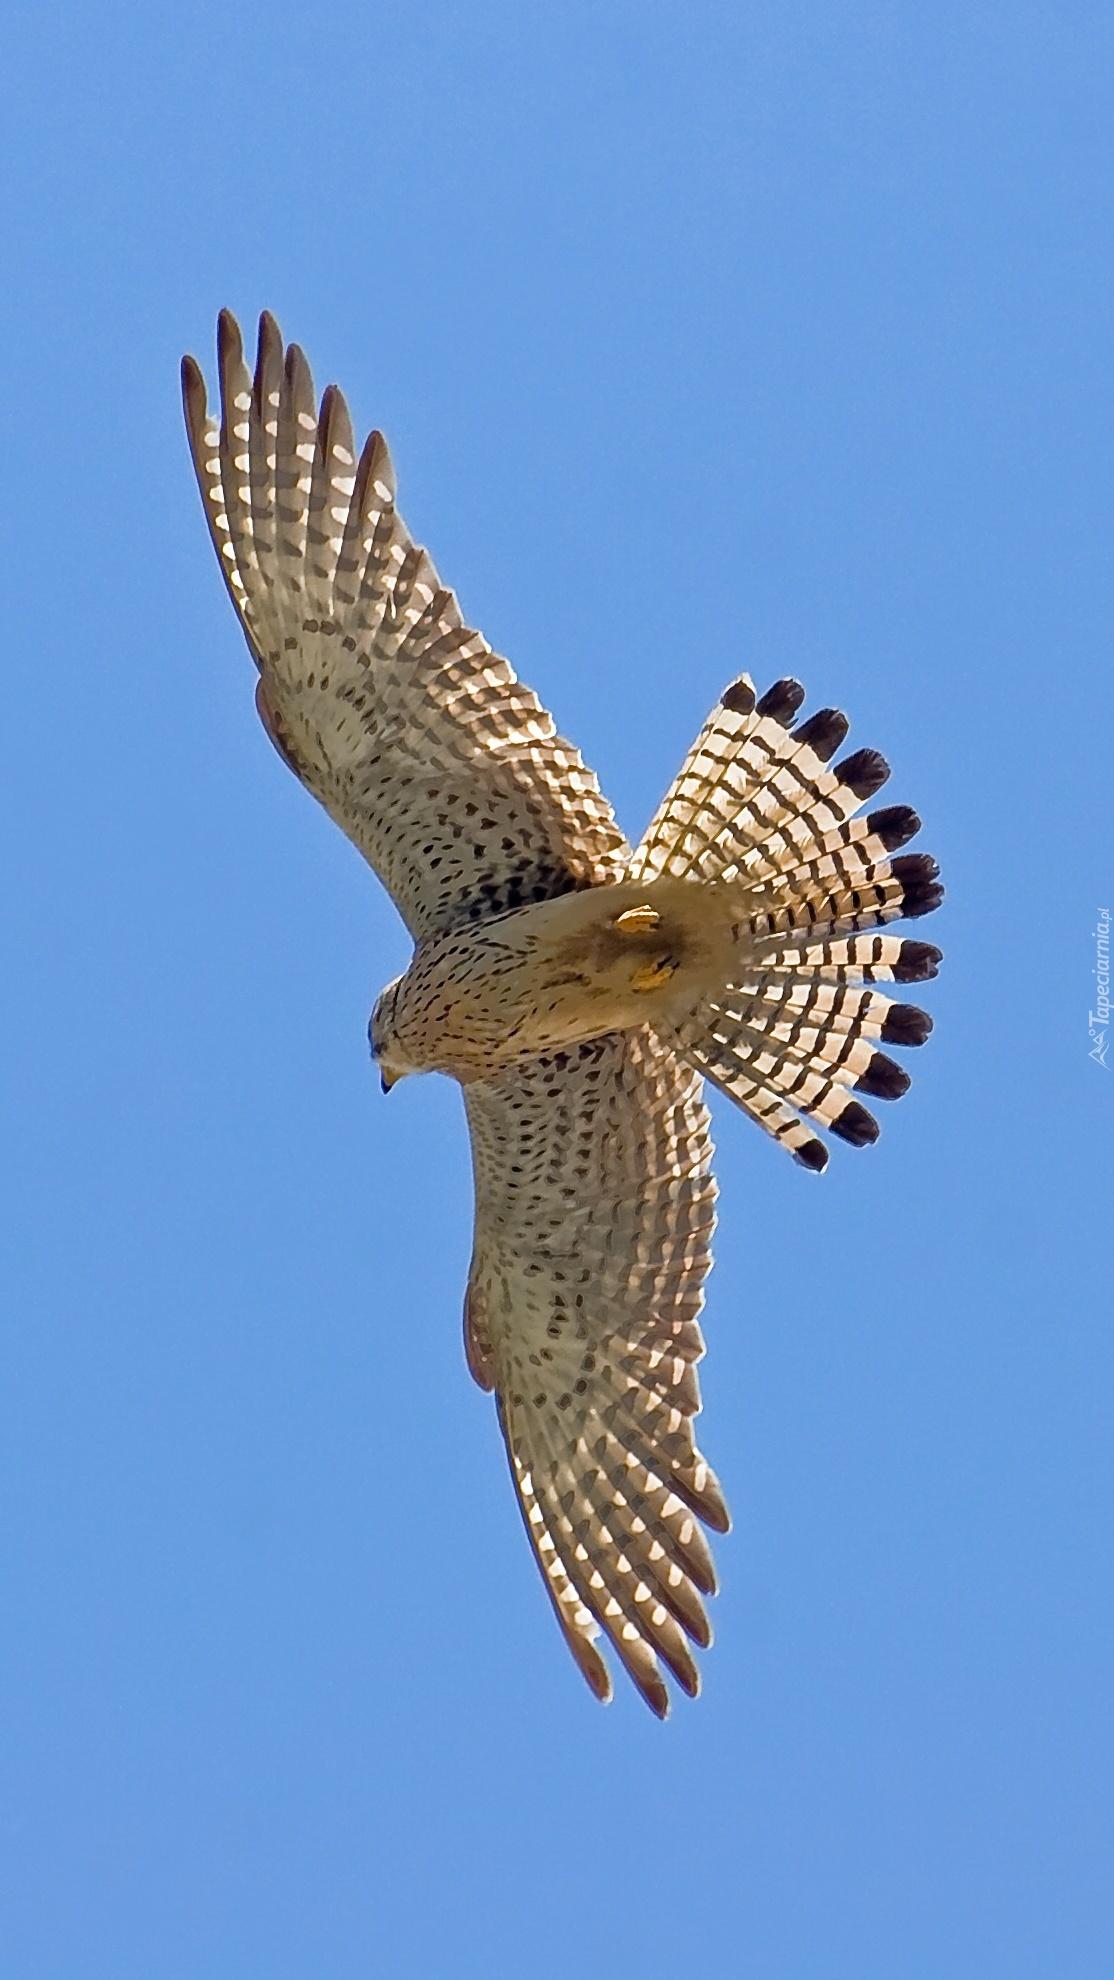 Jastrząb z rozpostartymi skrzydłami